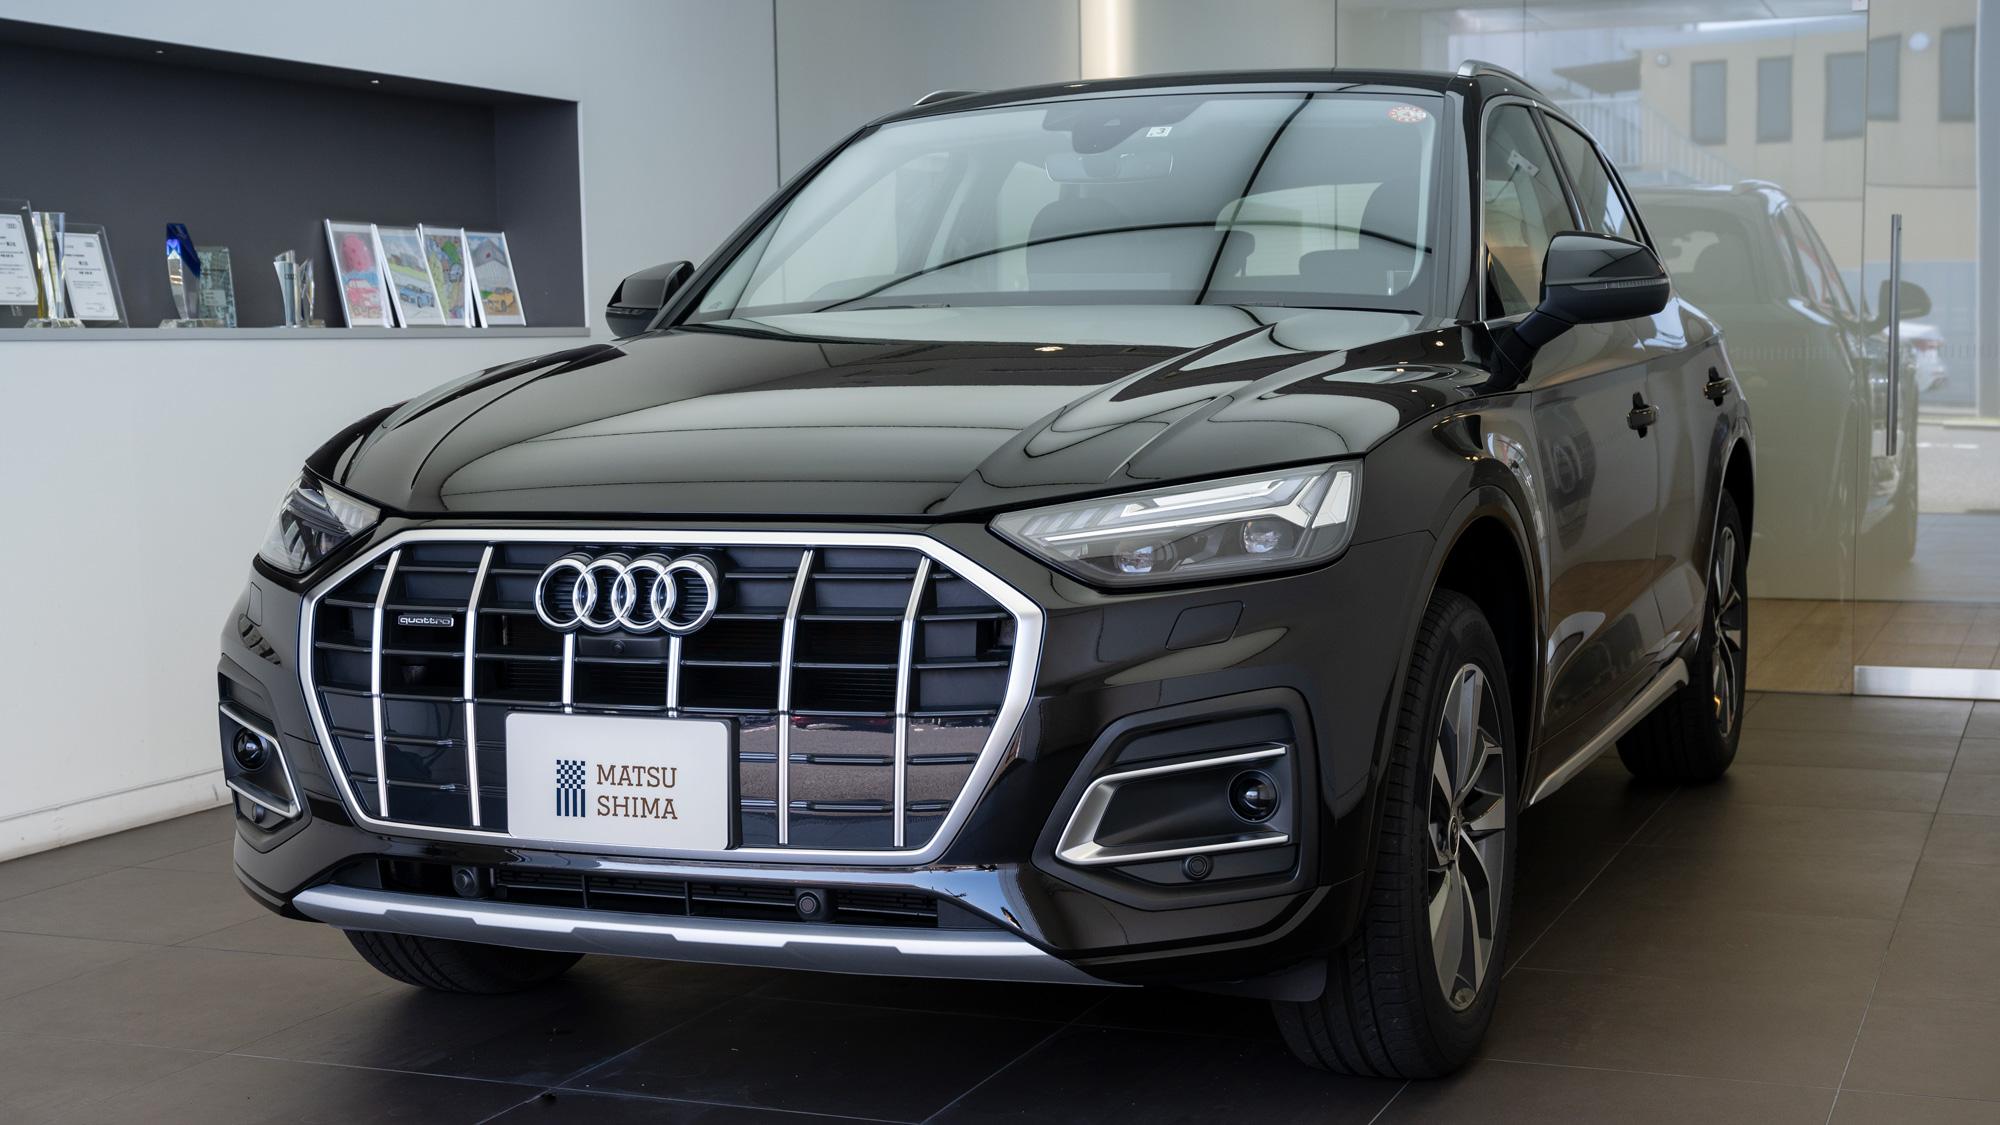 Audi Q5 40TDI quattro advanced